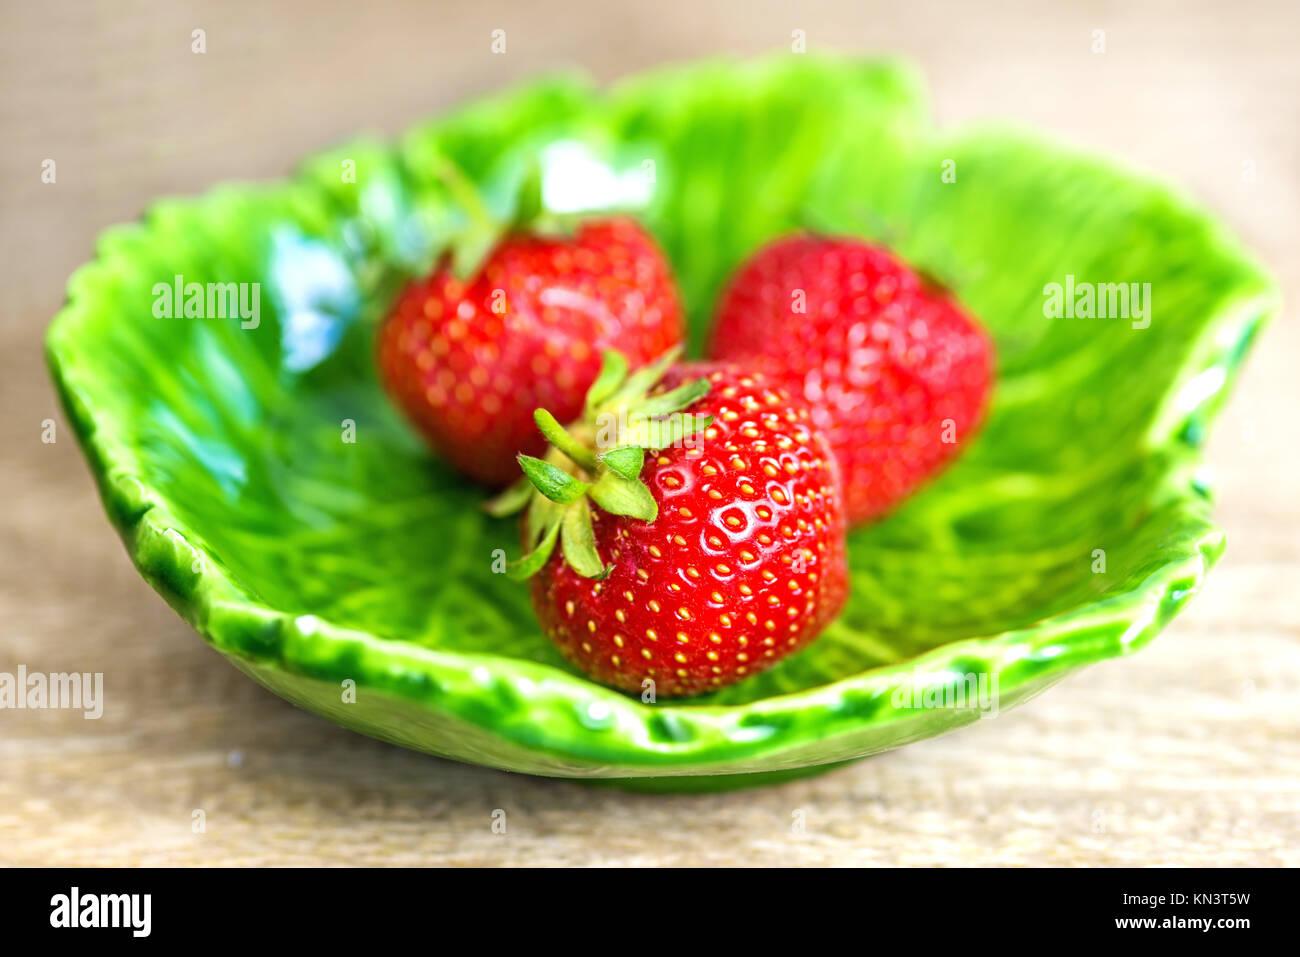 La fraise. Photo Stock